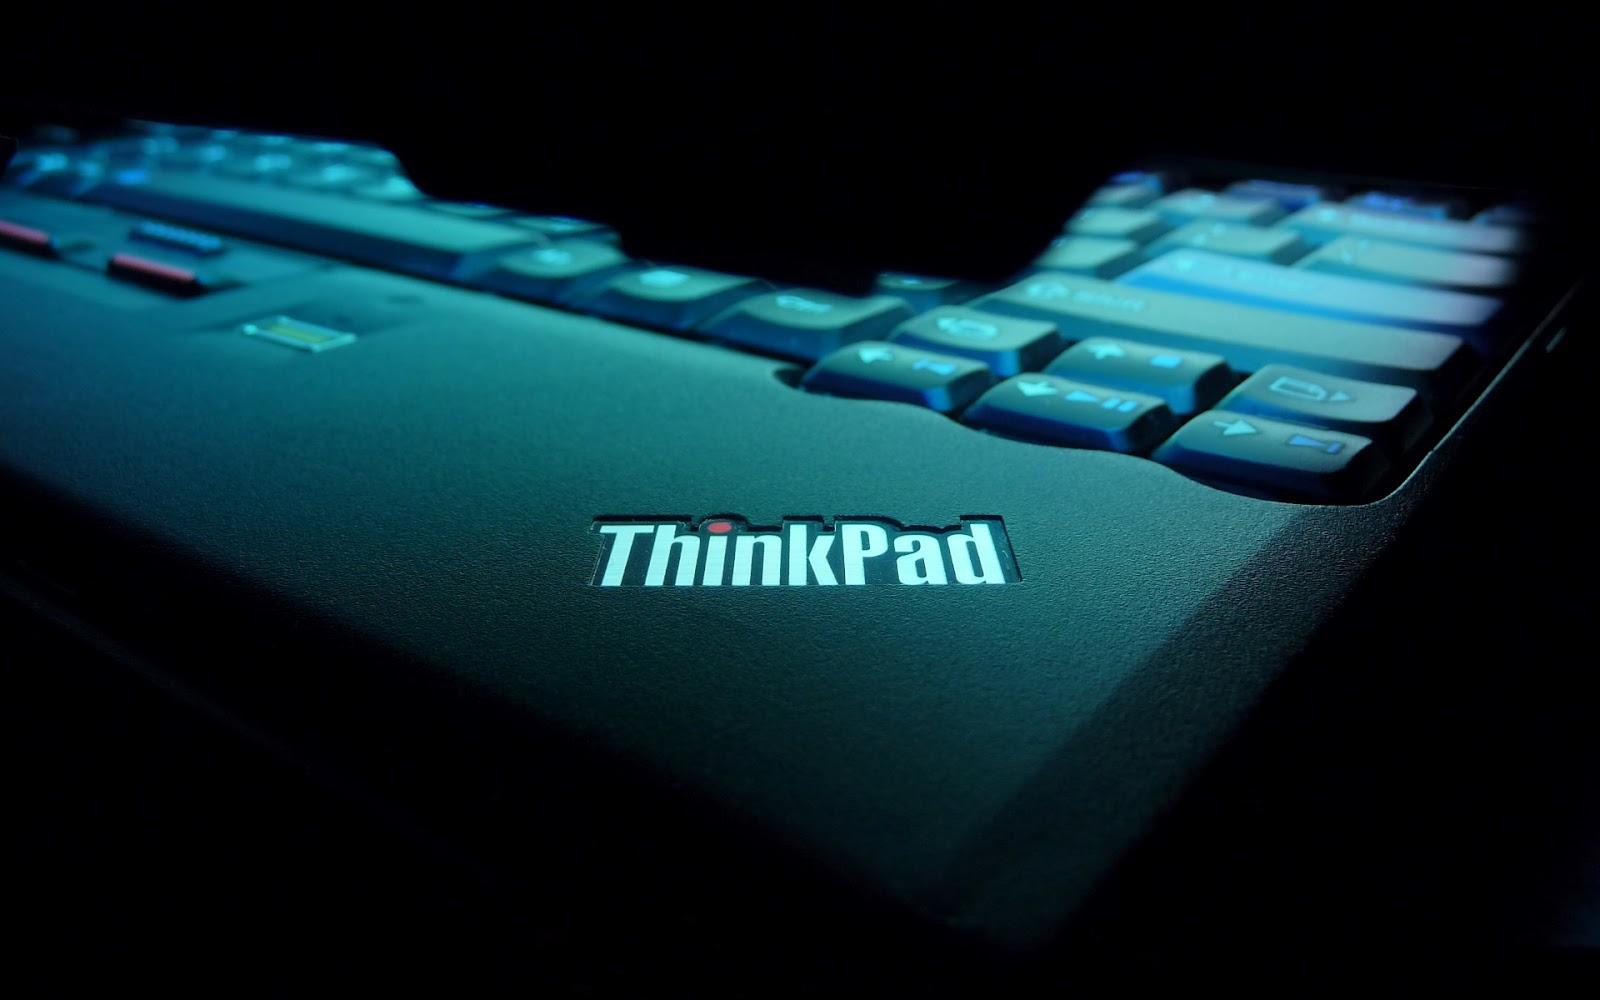 http://2.bp.blogspot.com/-DqKCv52eJxM/TzFiHy0RHtI/AAAAAAAABgs/jugQNXzuxxw/s1600/ThinkPad+wallpaper.jpg